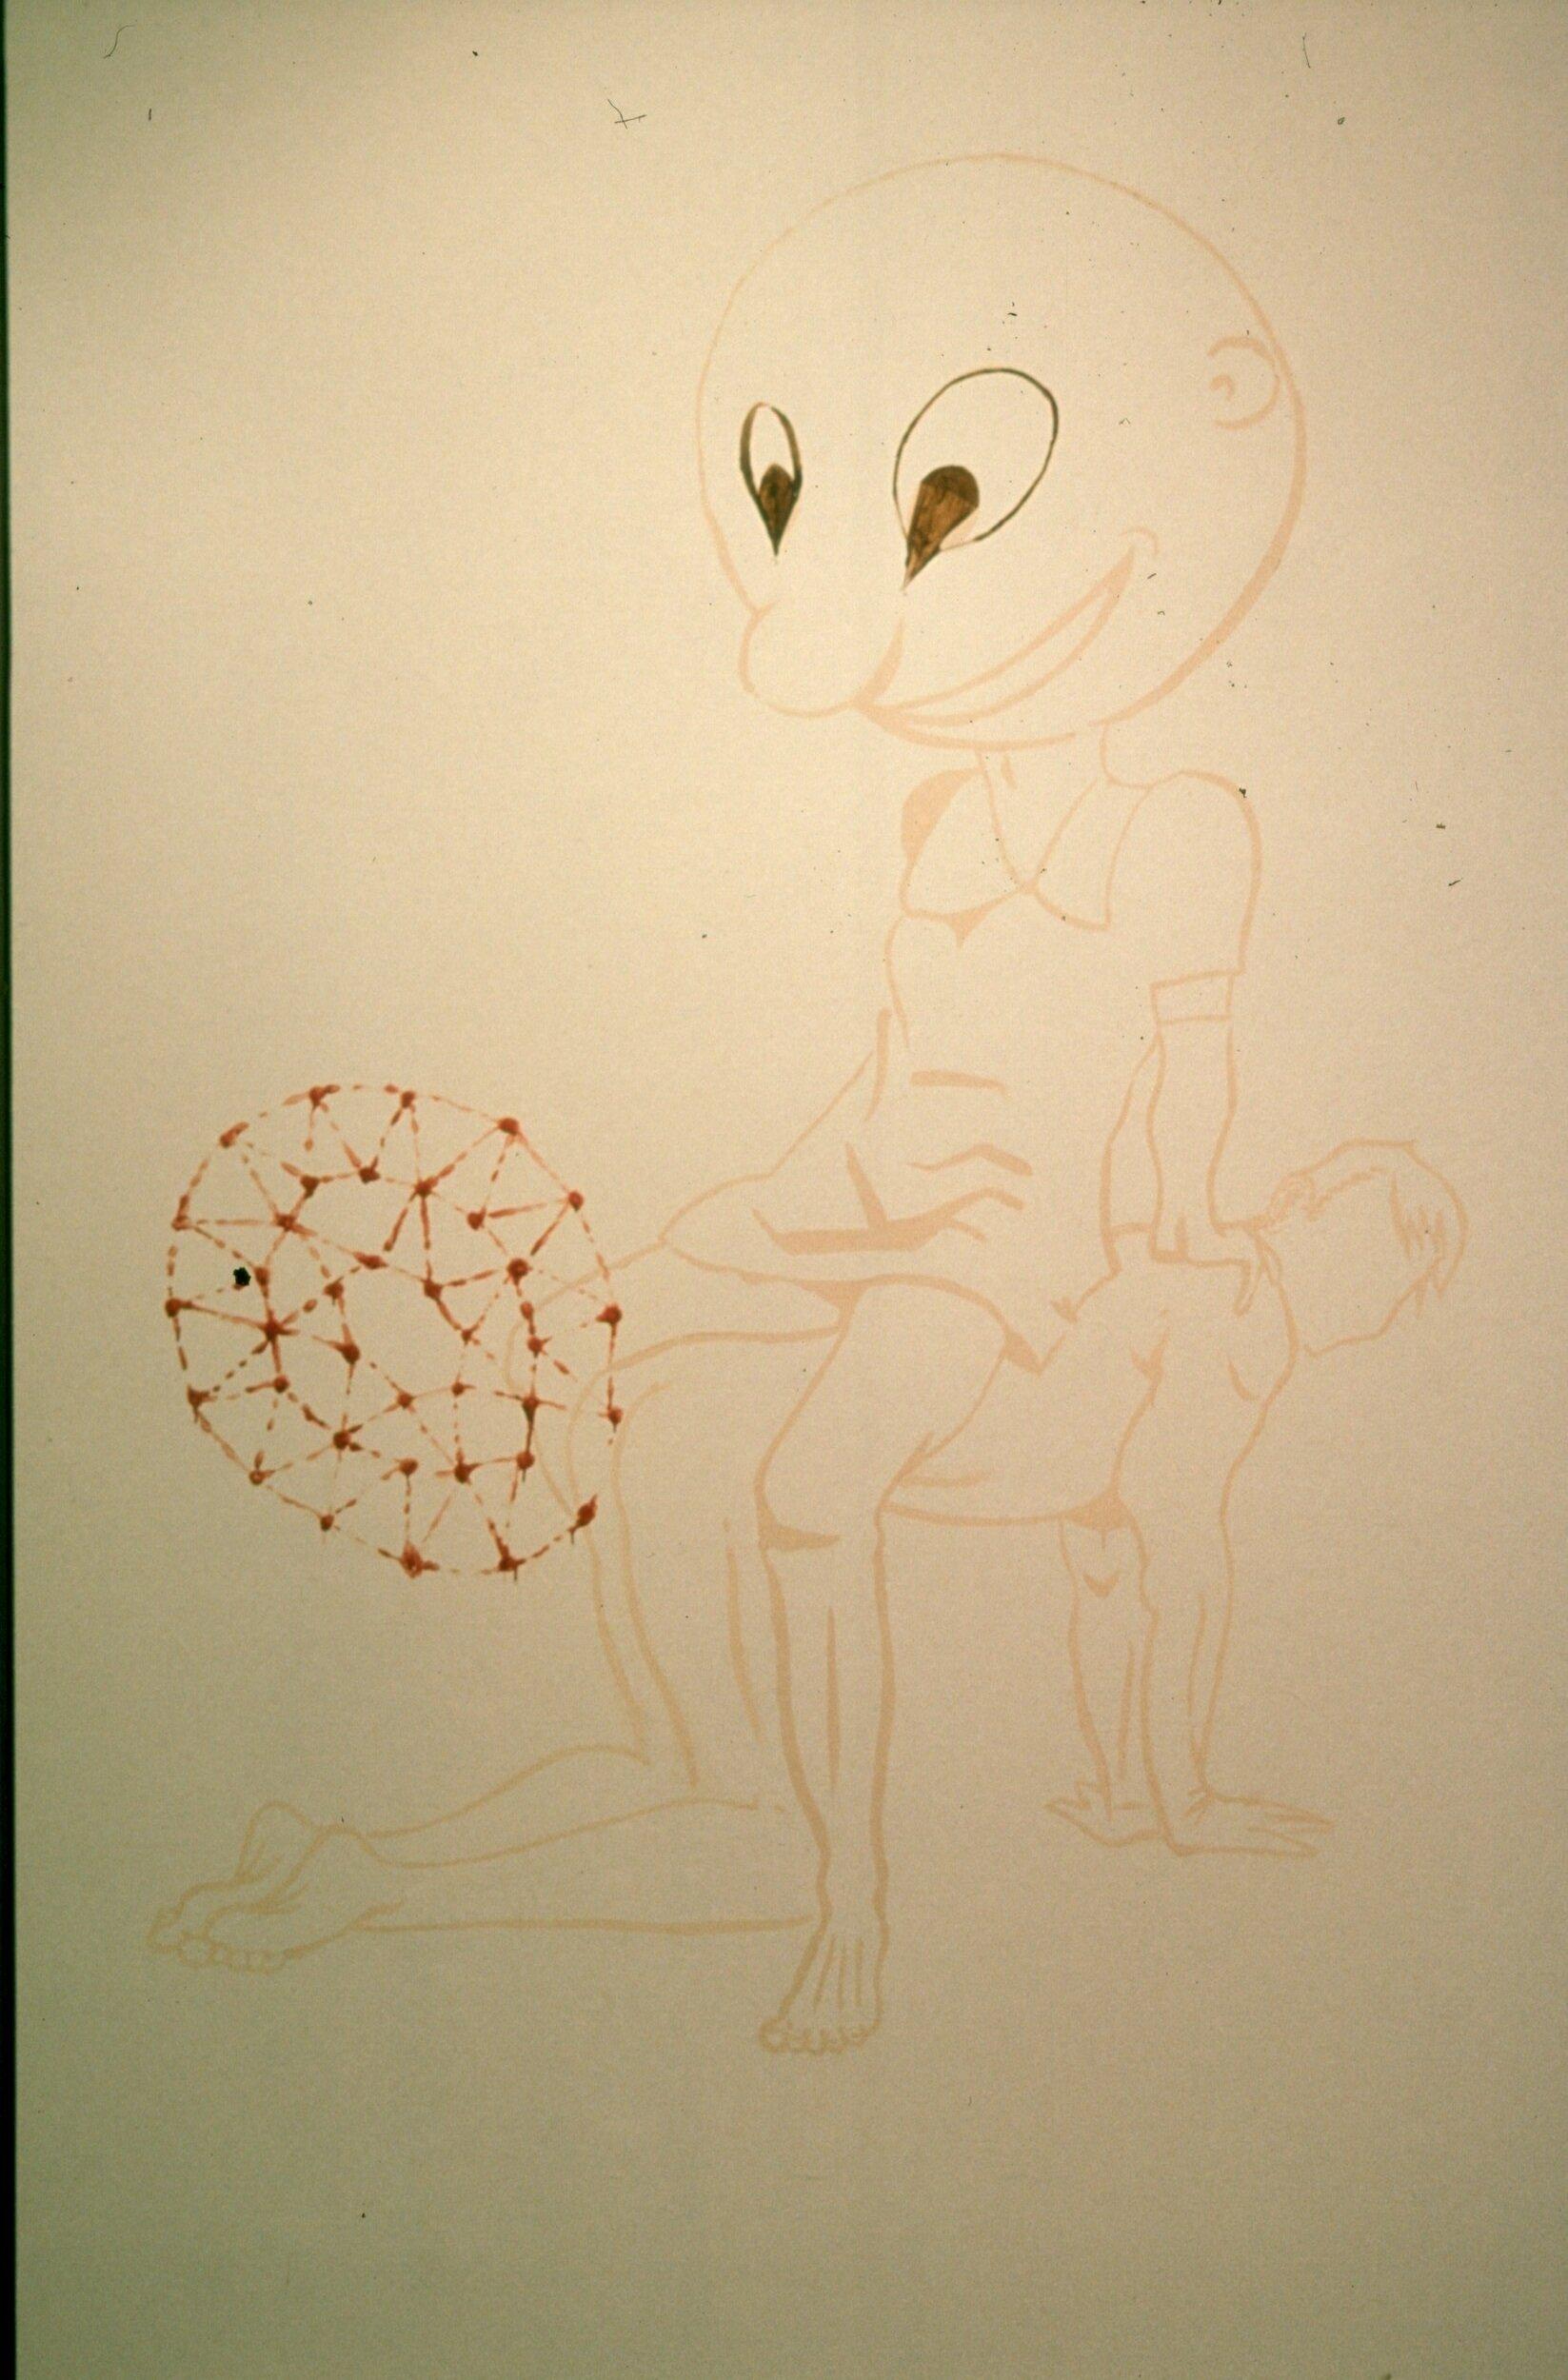 96-06 Brian Jungen (Mascot).jpg